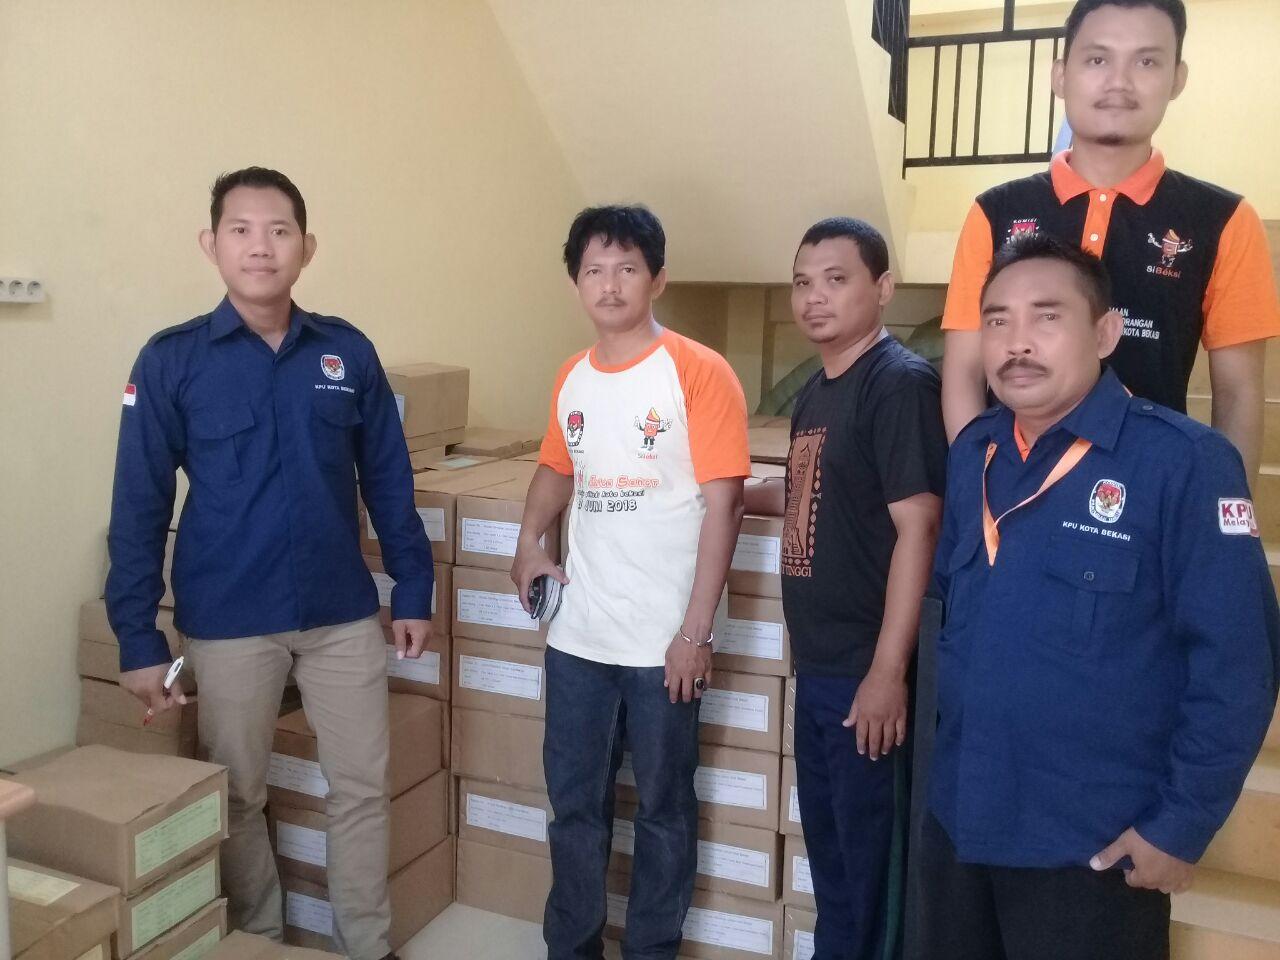 Hari ini, PPDP Se-Kota Bekasi Terima Logistik Pilgub Jawa Barat dan Pilkada Kota Bekasi